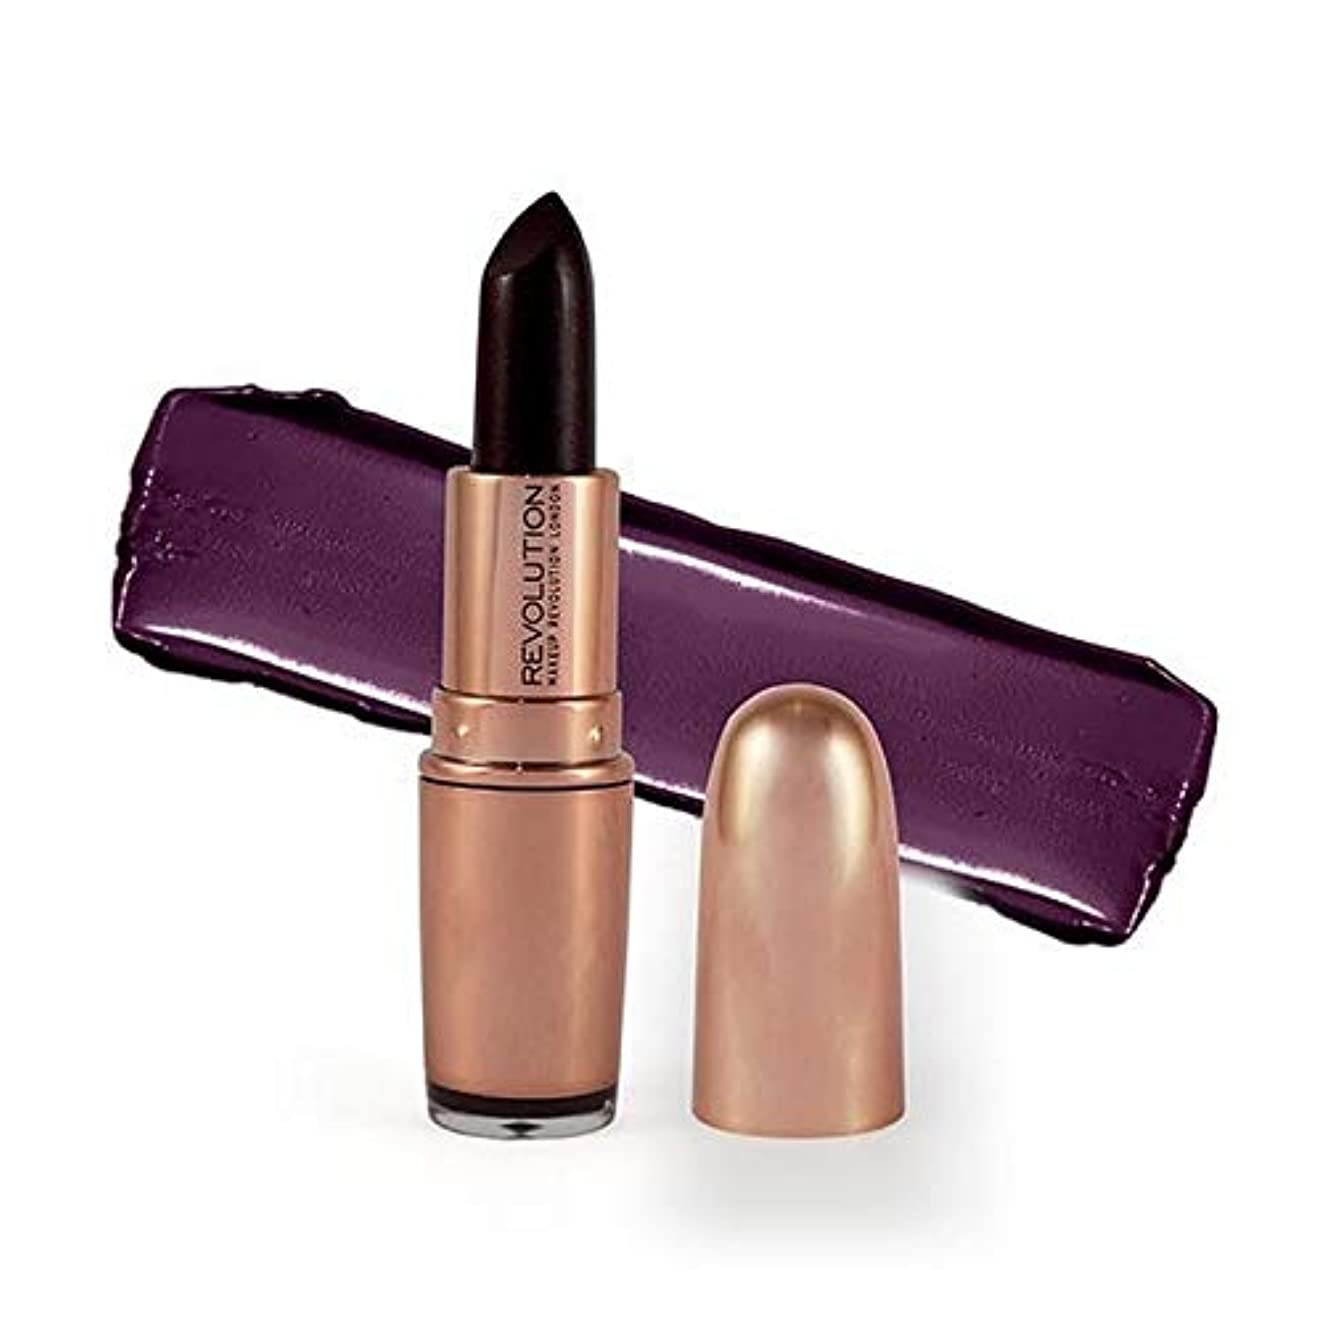 インカ帝国パスタ一瞬[Revolution ] 革命は、金口紅ダイヤモンドライフ3.2グラムをバラ - Revolution Rose Gold Lipstick Diamond Life 3.2G [並行輸入品]